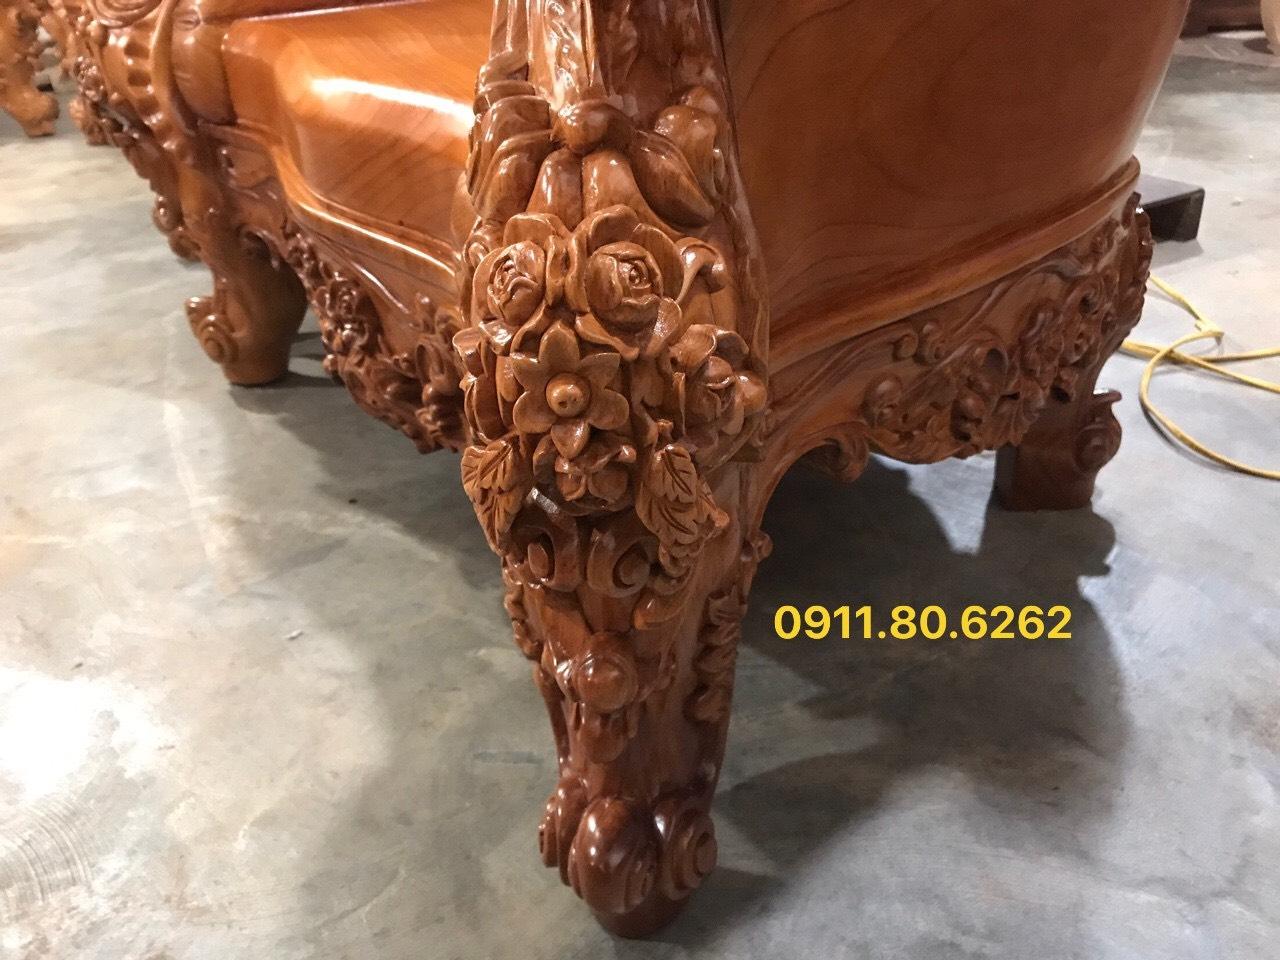 Sofa louis hoang gia 39 - Sofa Louis Hoàng Gia MS: 64